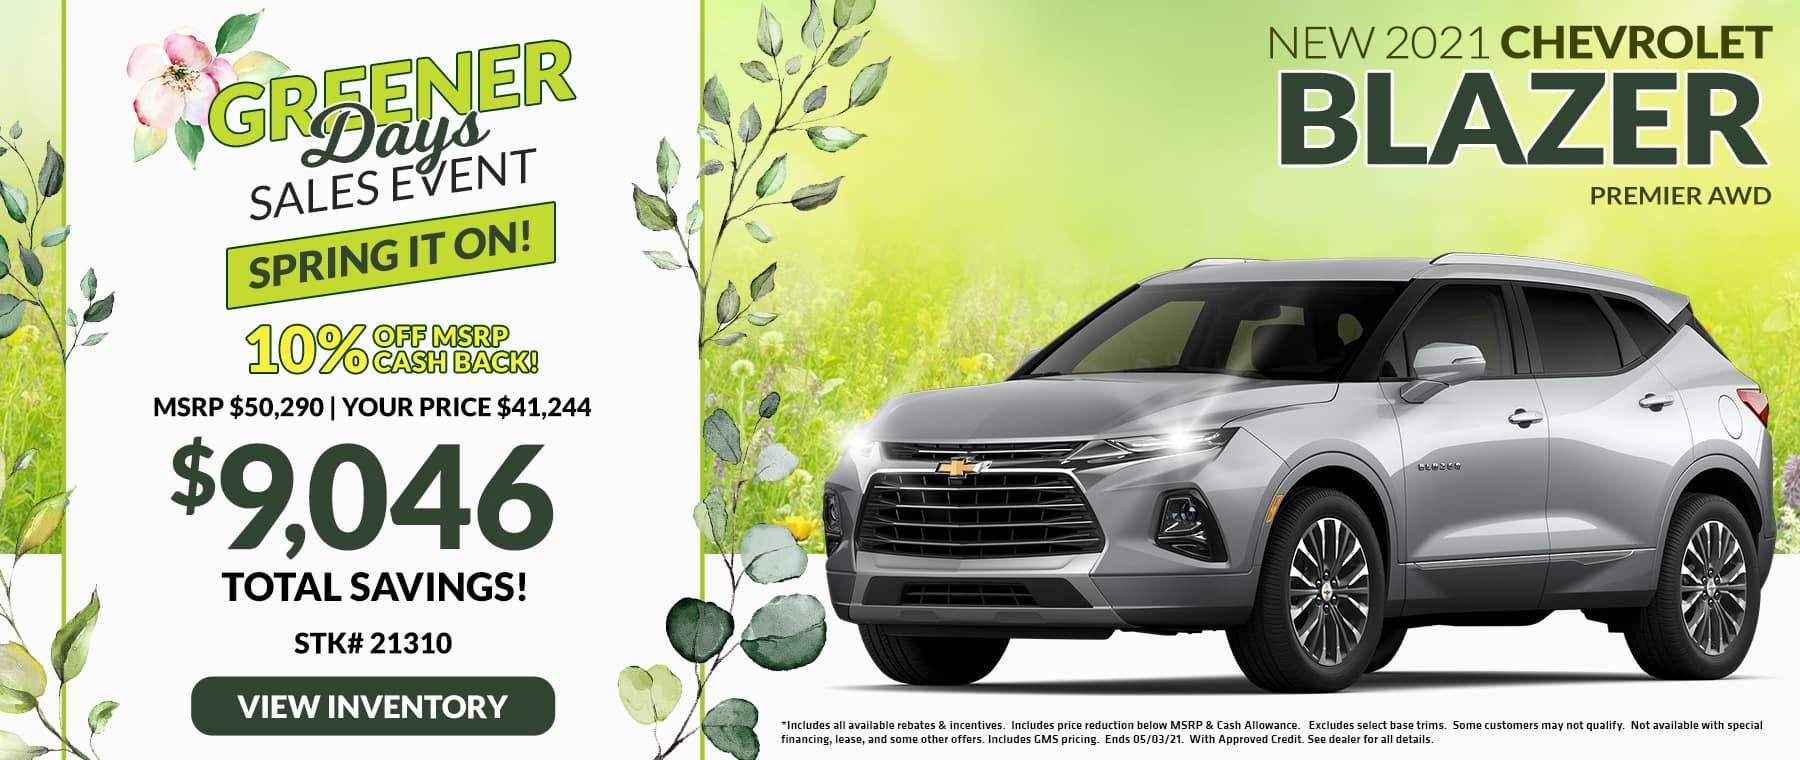 New 2021 Chevrolet Blazer Premier AWD